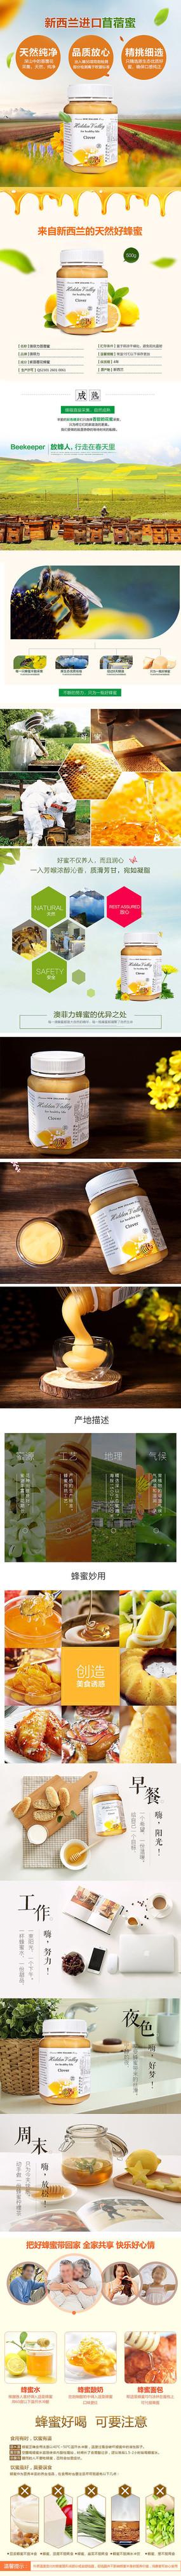 天然蜂蜜详情页设计模板